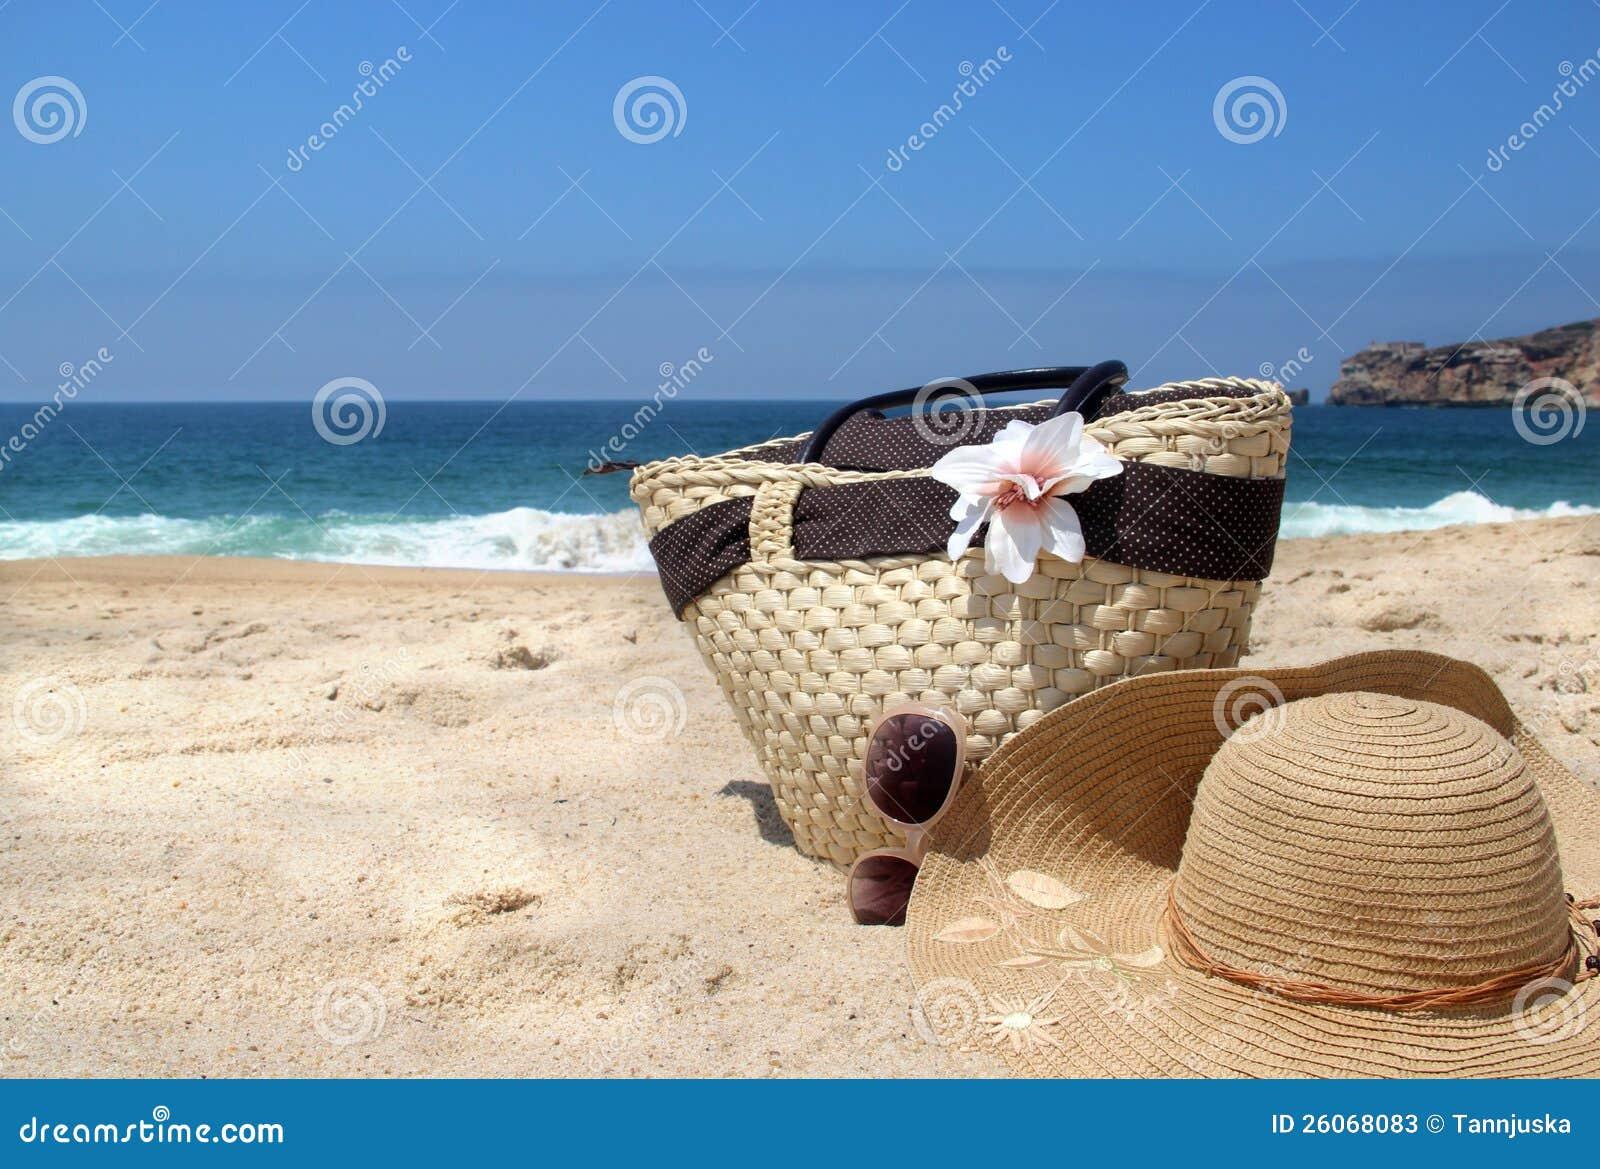 littoral sac de plage de paille chapeau et lunettes de soleil photos stock image 26068083. Black Bedroom Furniture Sets. Home Design Ideas